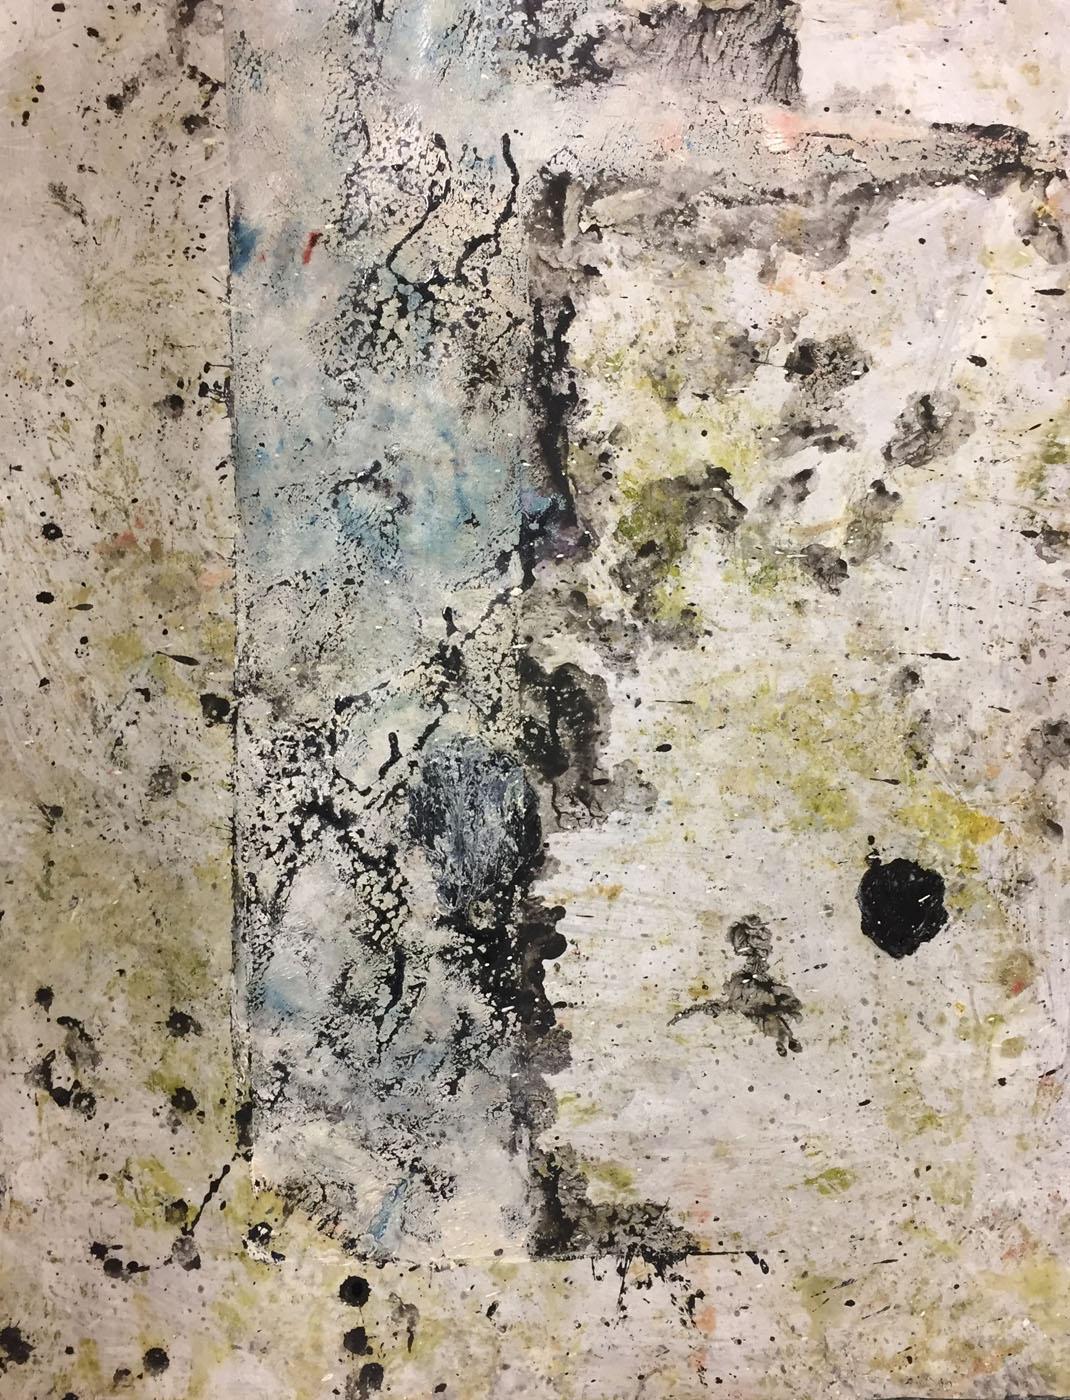 MARC FELD 2019 ARBRE Huile, pigment, acrylique et gouache sur papier 50 x 65 cm